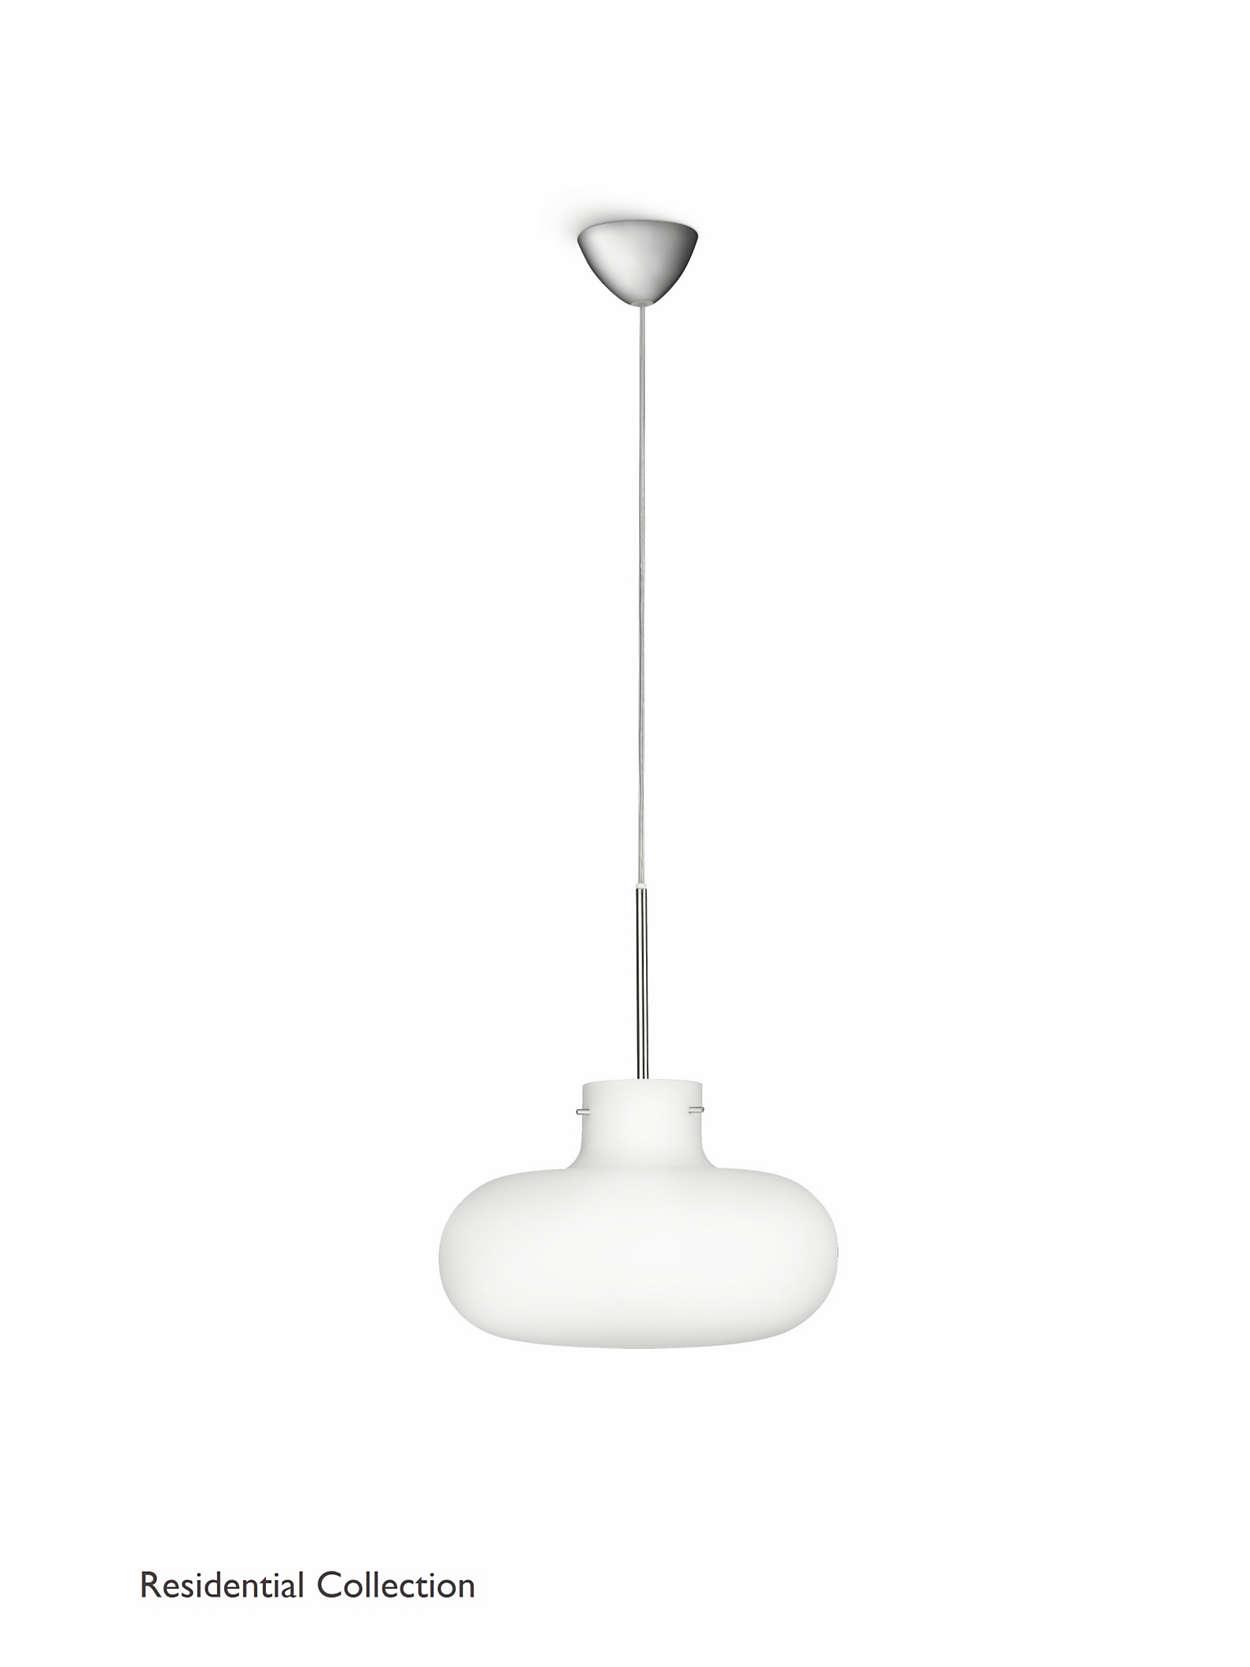 alive living philips lighting. Black Bedroom Furniture Sets. Home Design Ideas